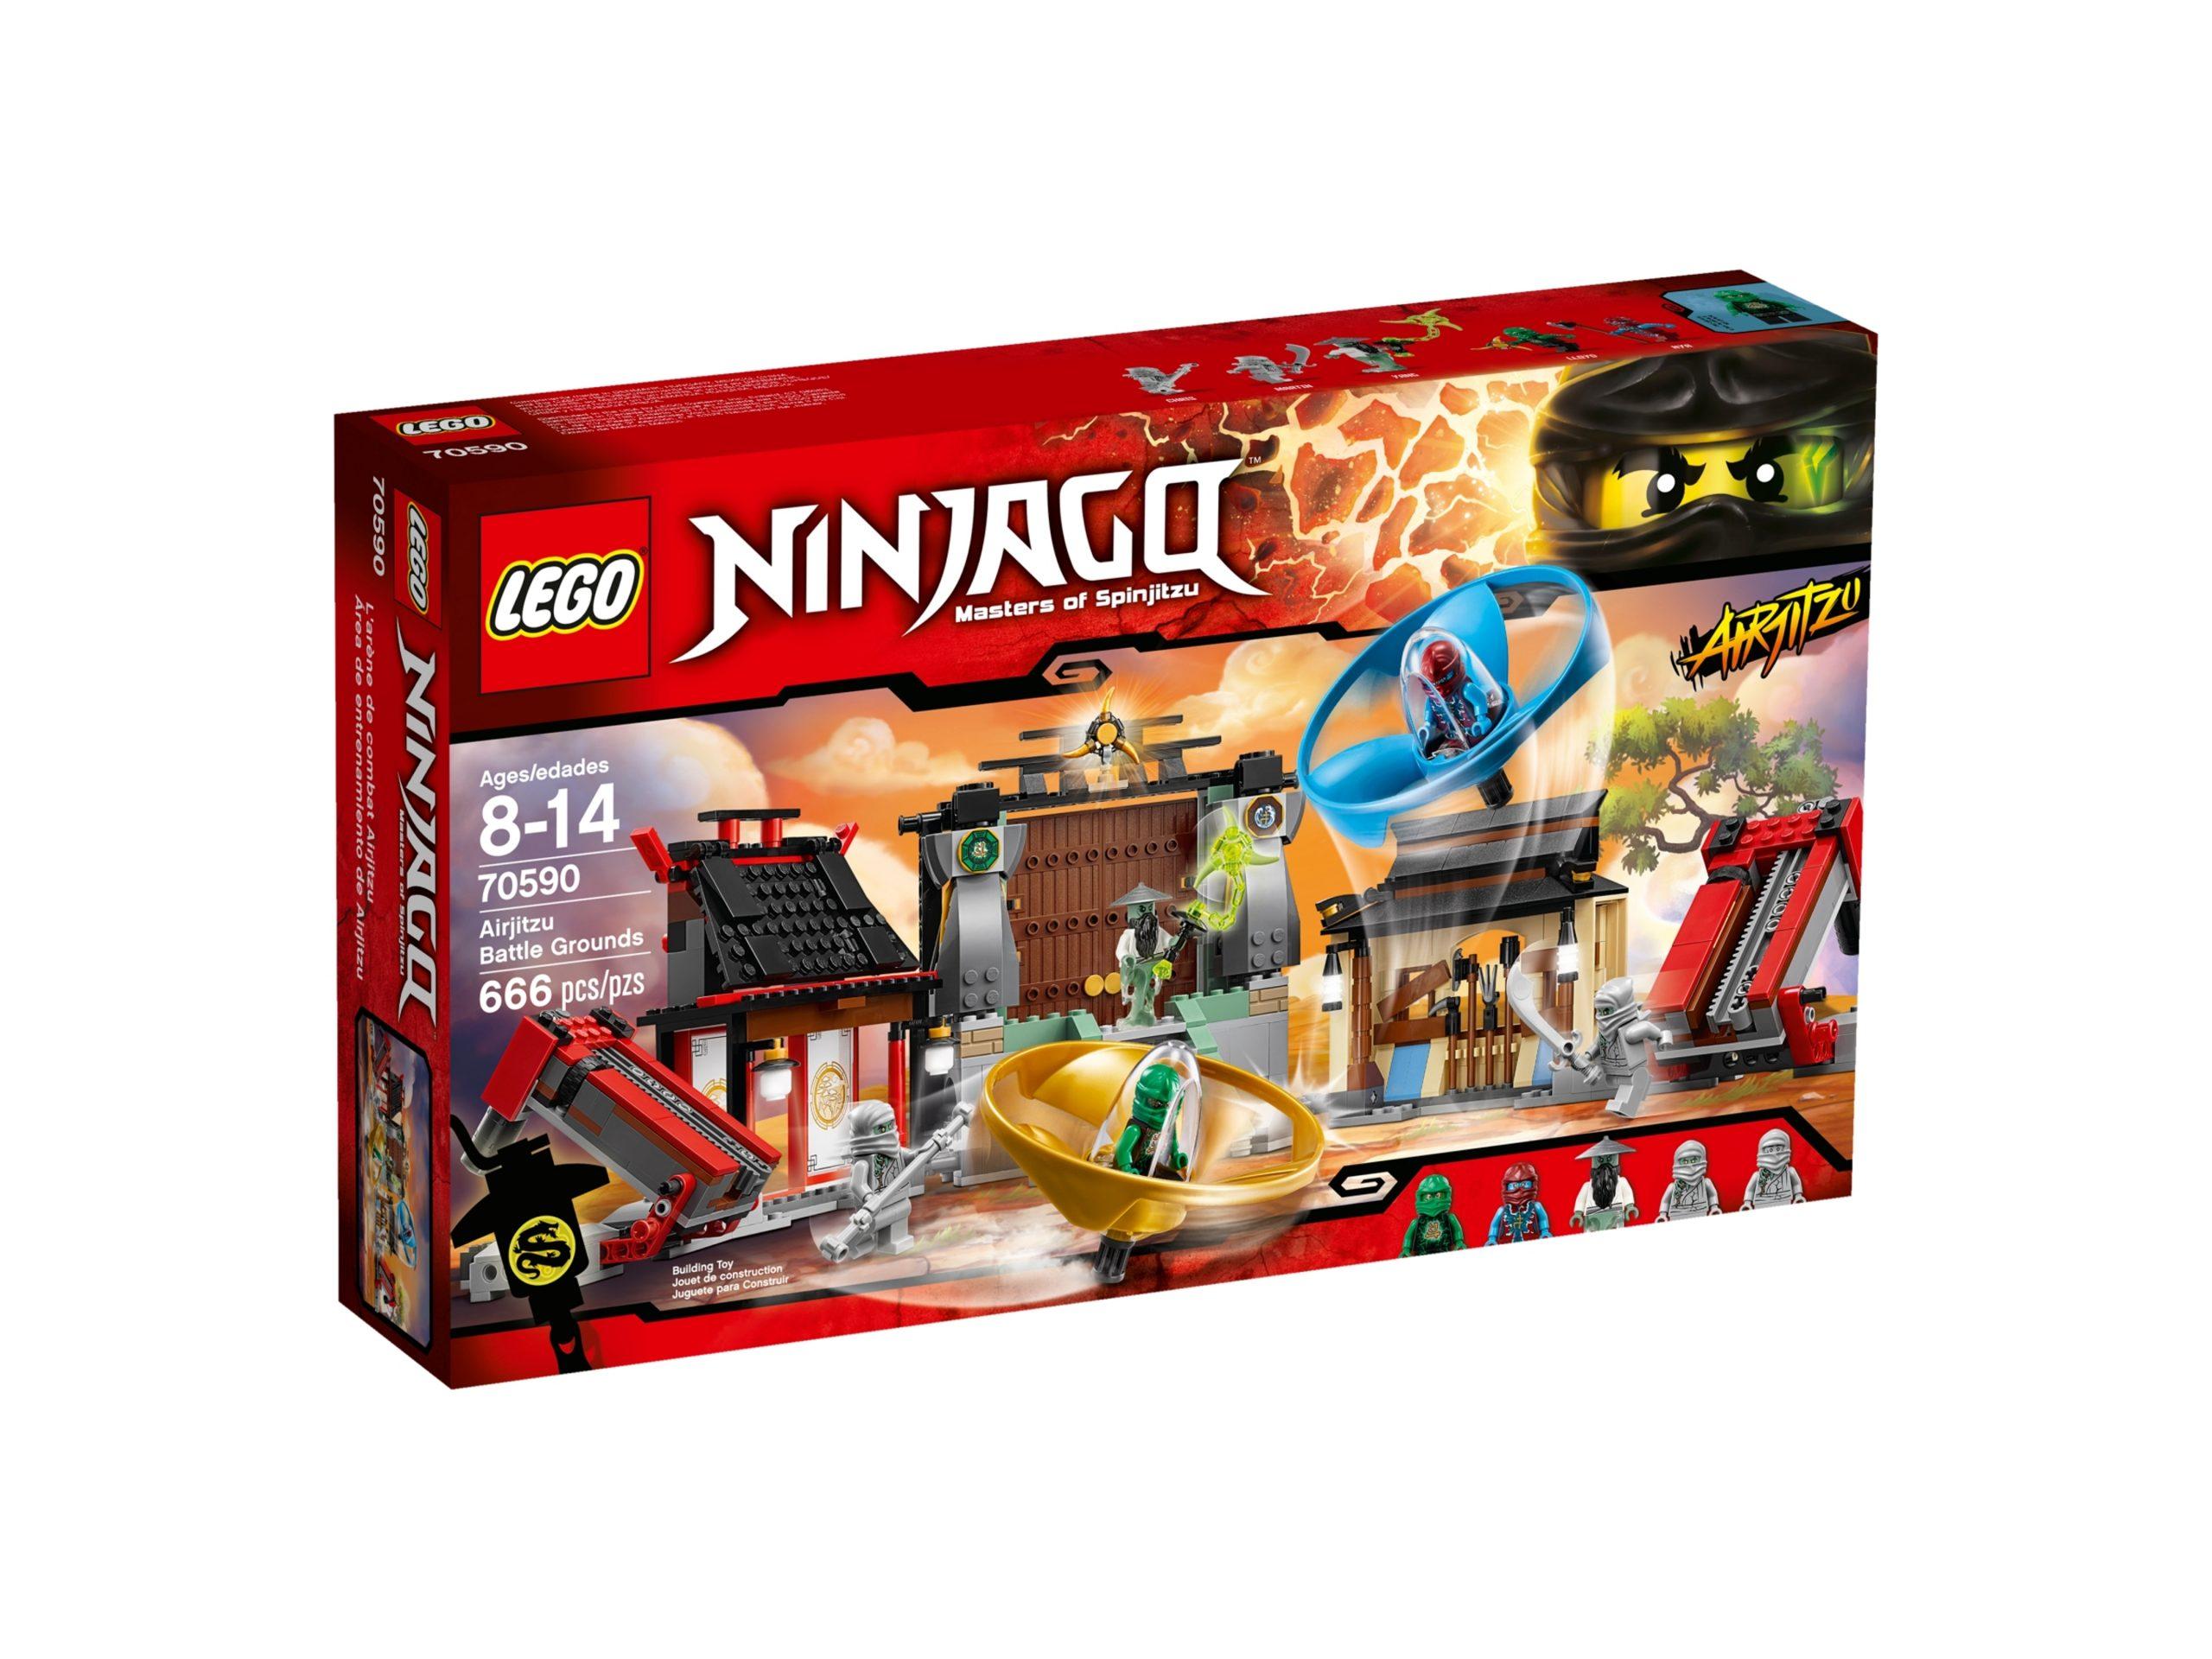 lego 70590 airjitzu battle grounds scaled